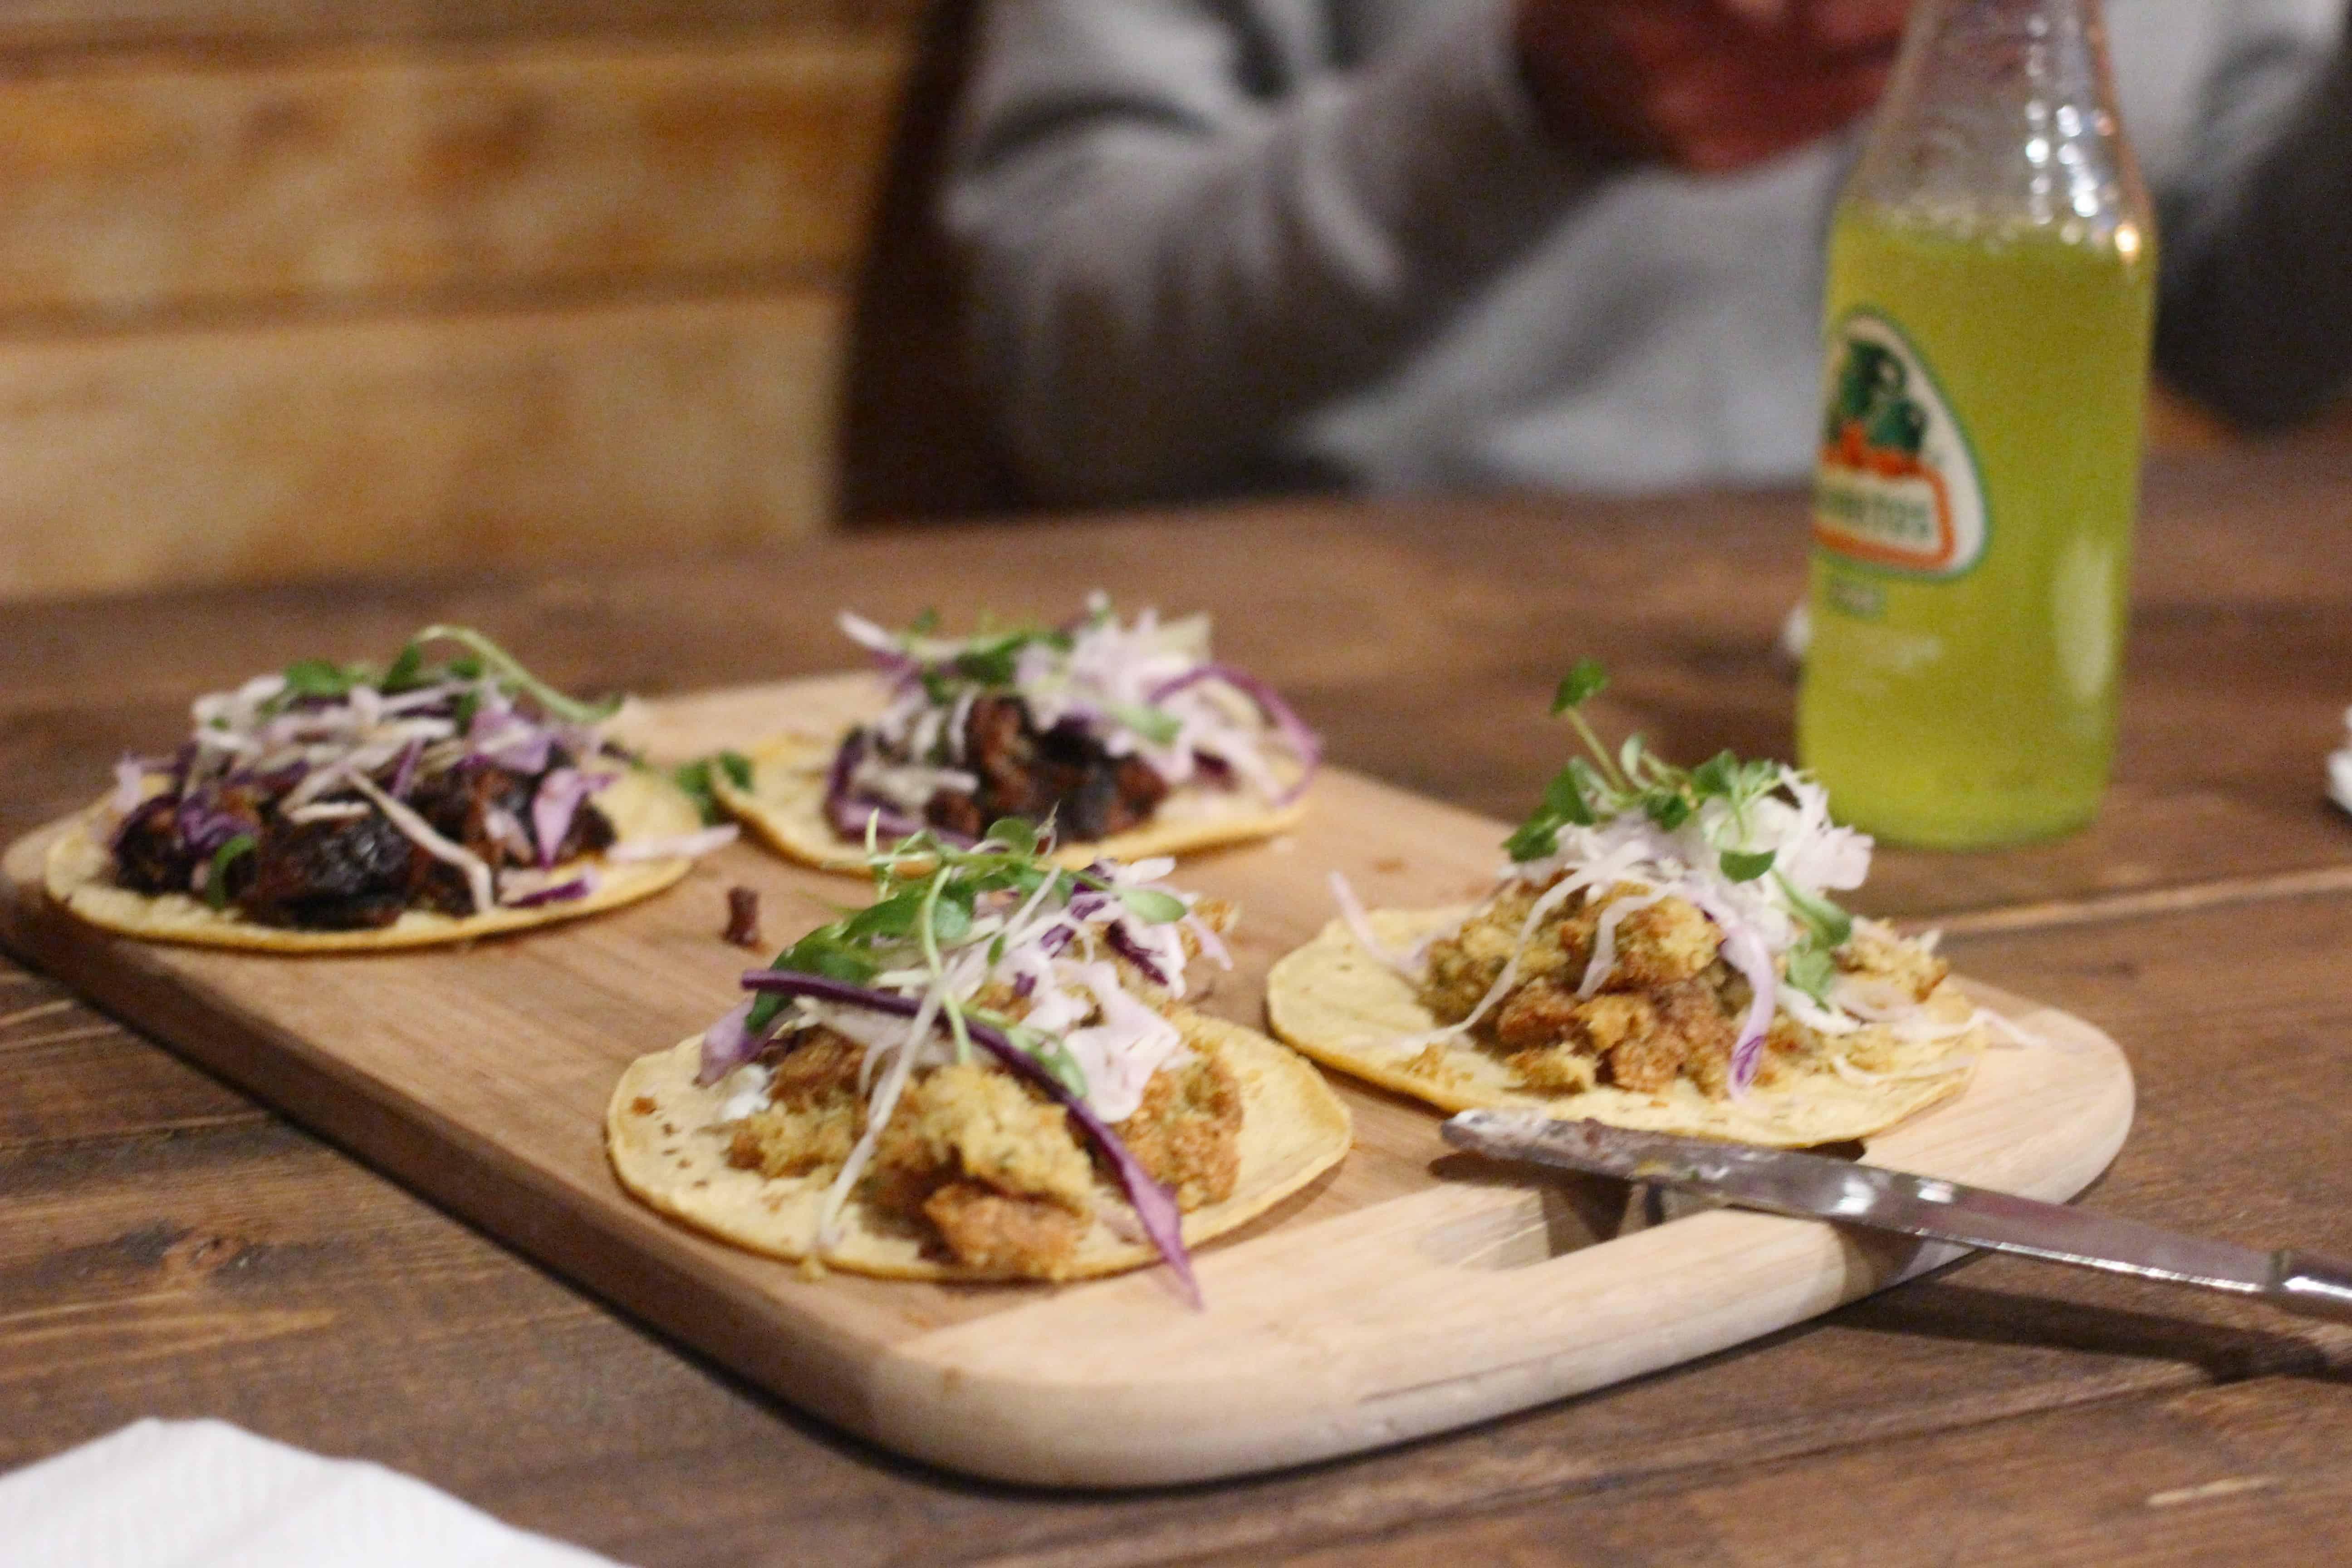 [RECIPE] Fish Tacos with Cilantro Lime Slaw • EBONY